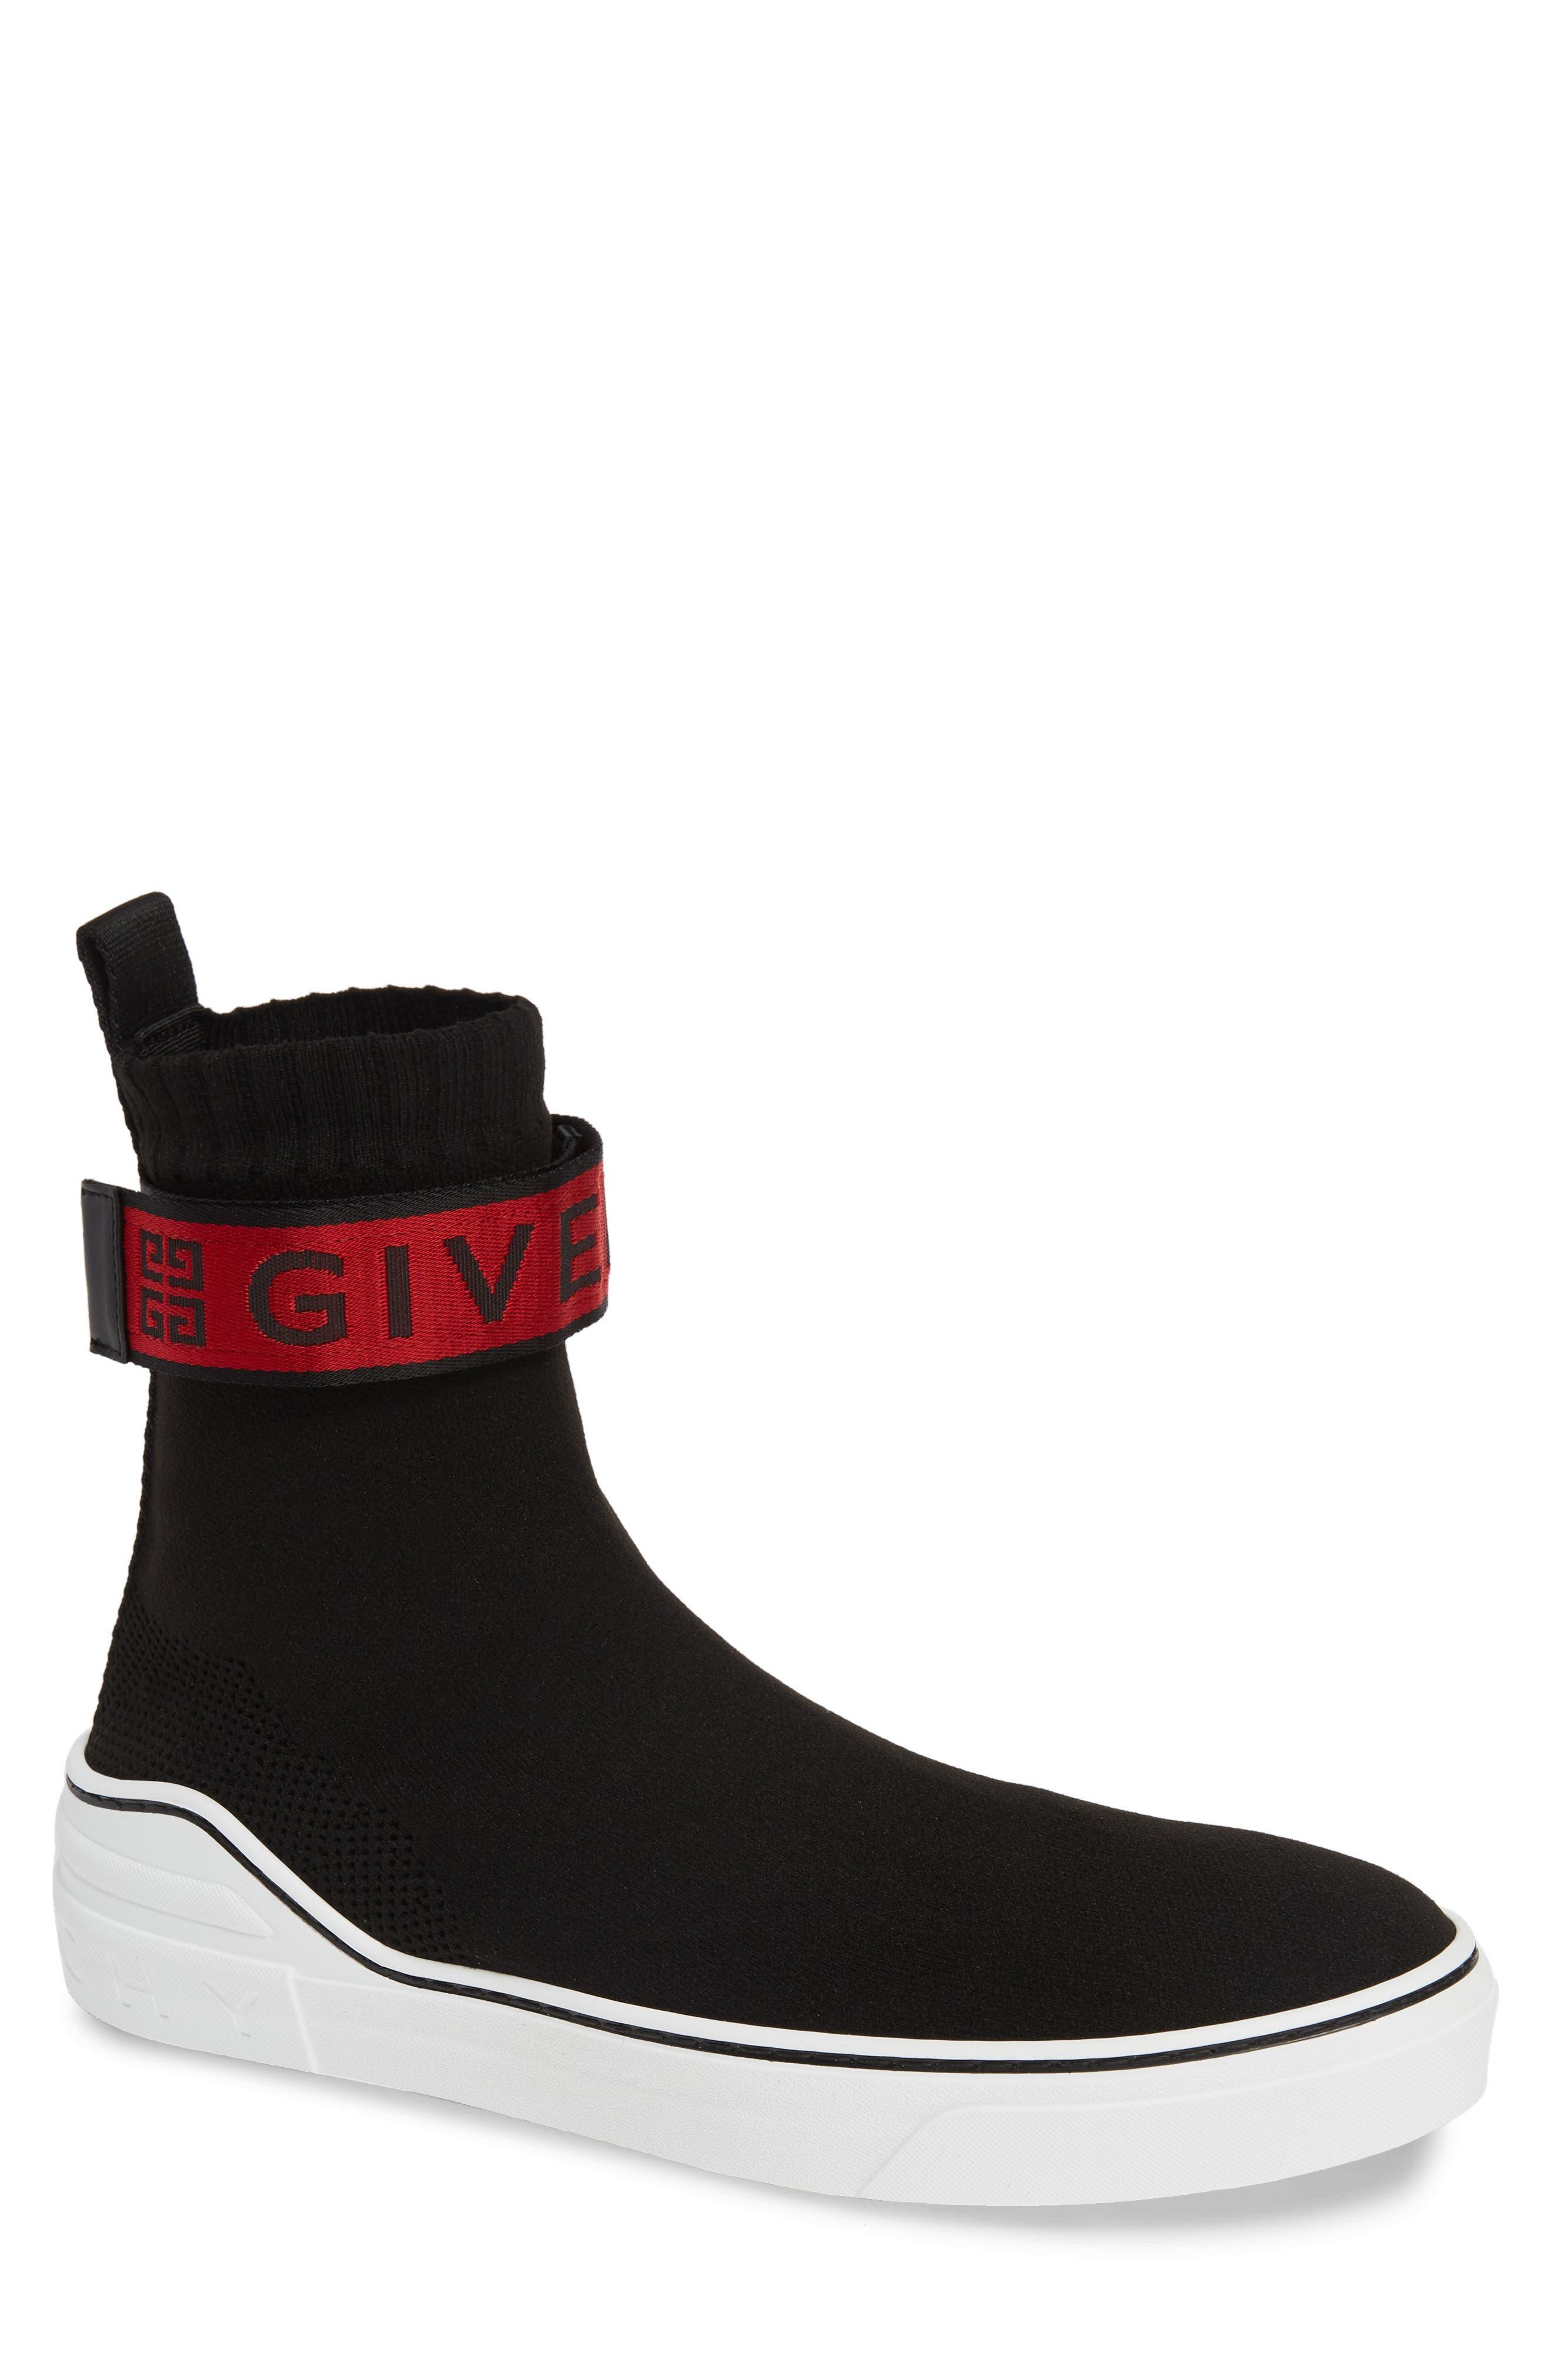 George V Sneaker, Main, color, BLACK/ RED